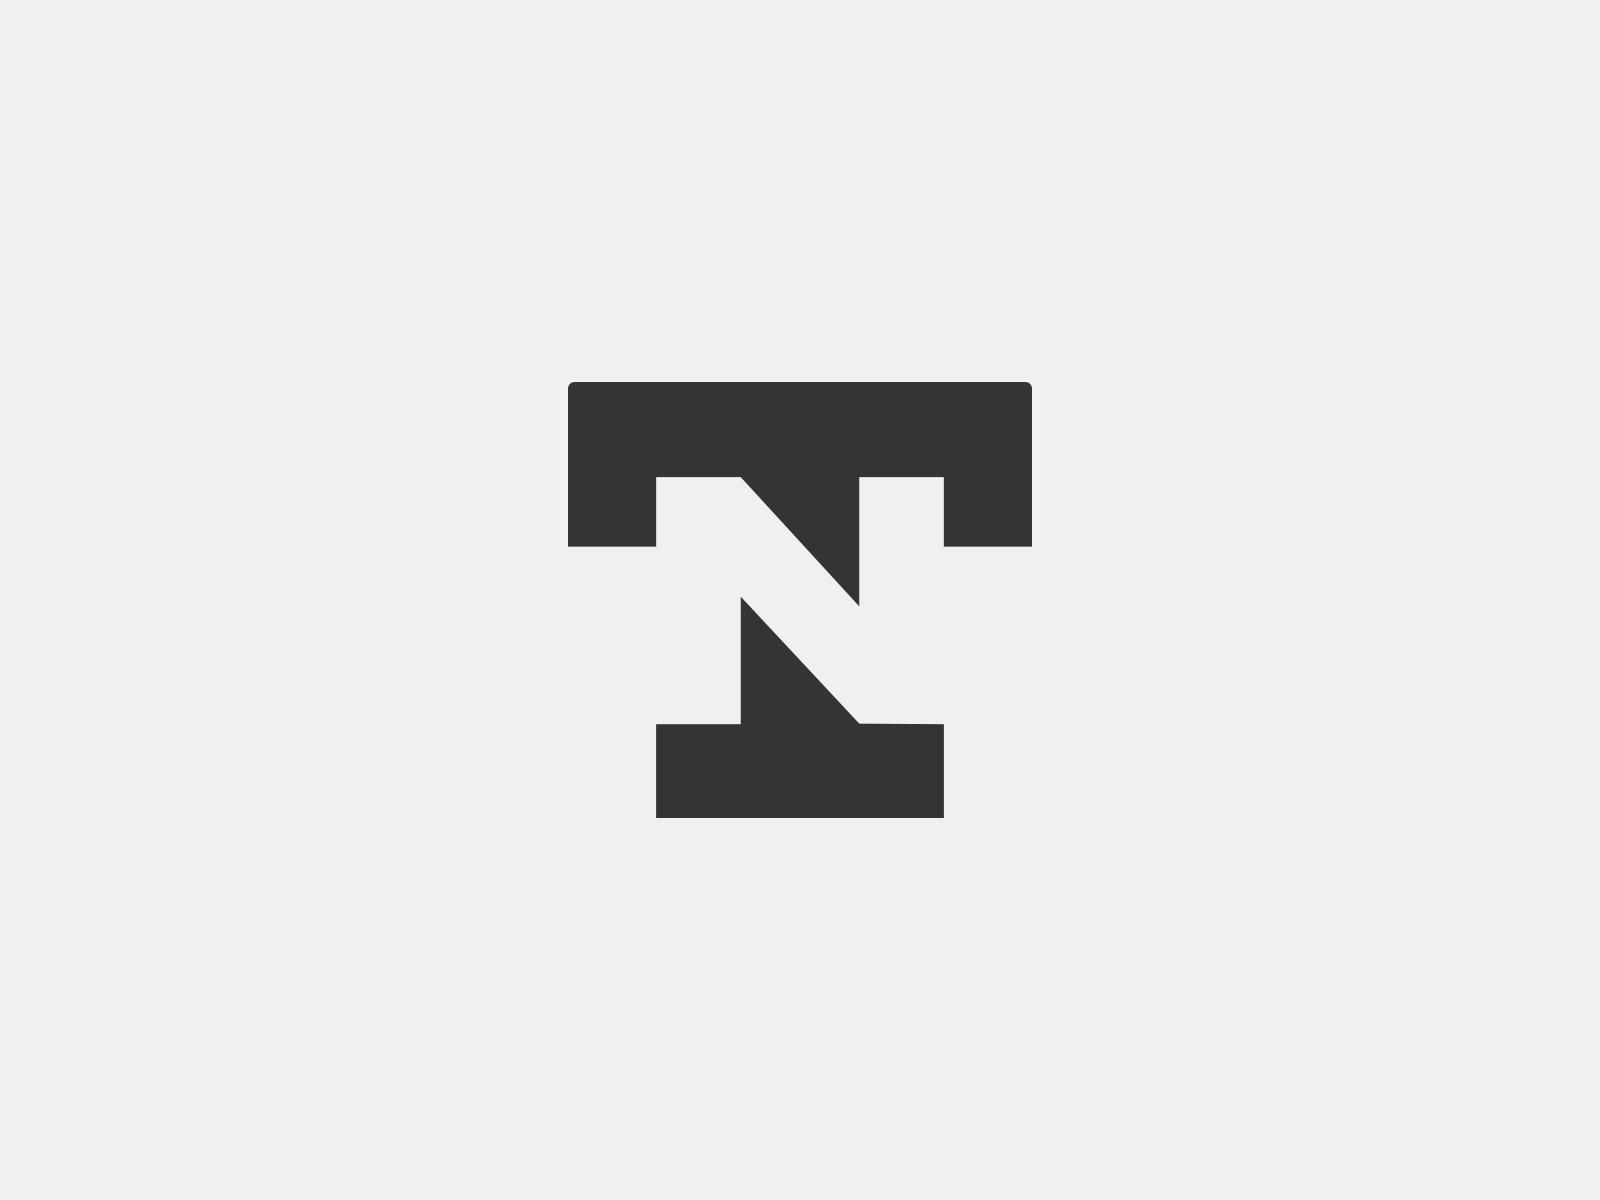 T+N negative space monogram icon branding agency logo mark tieatie branding